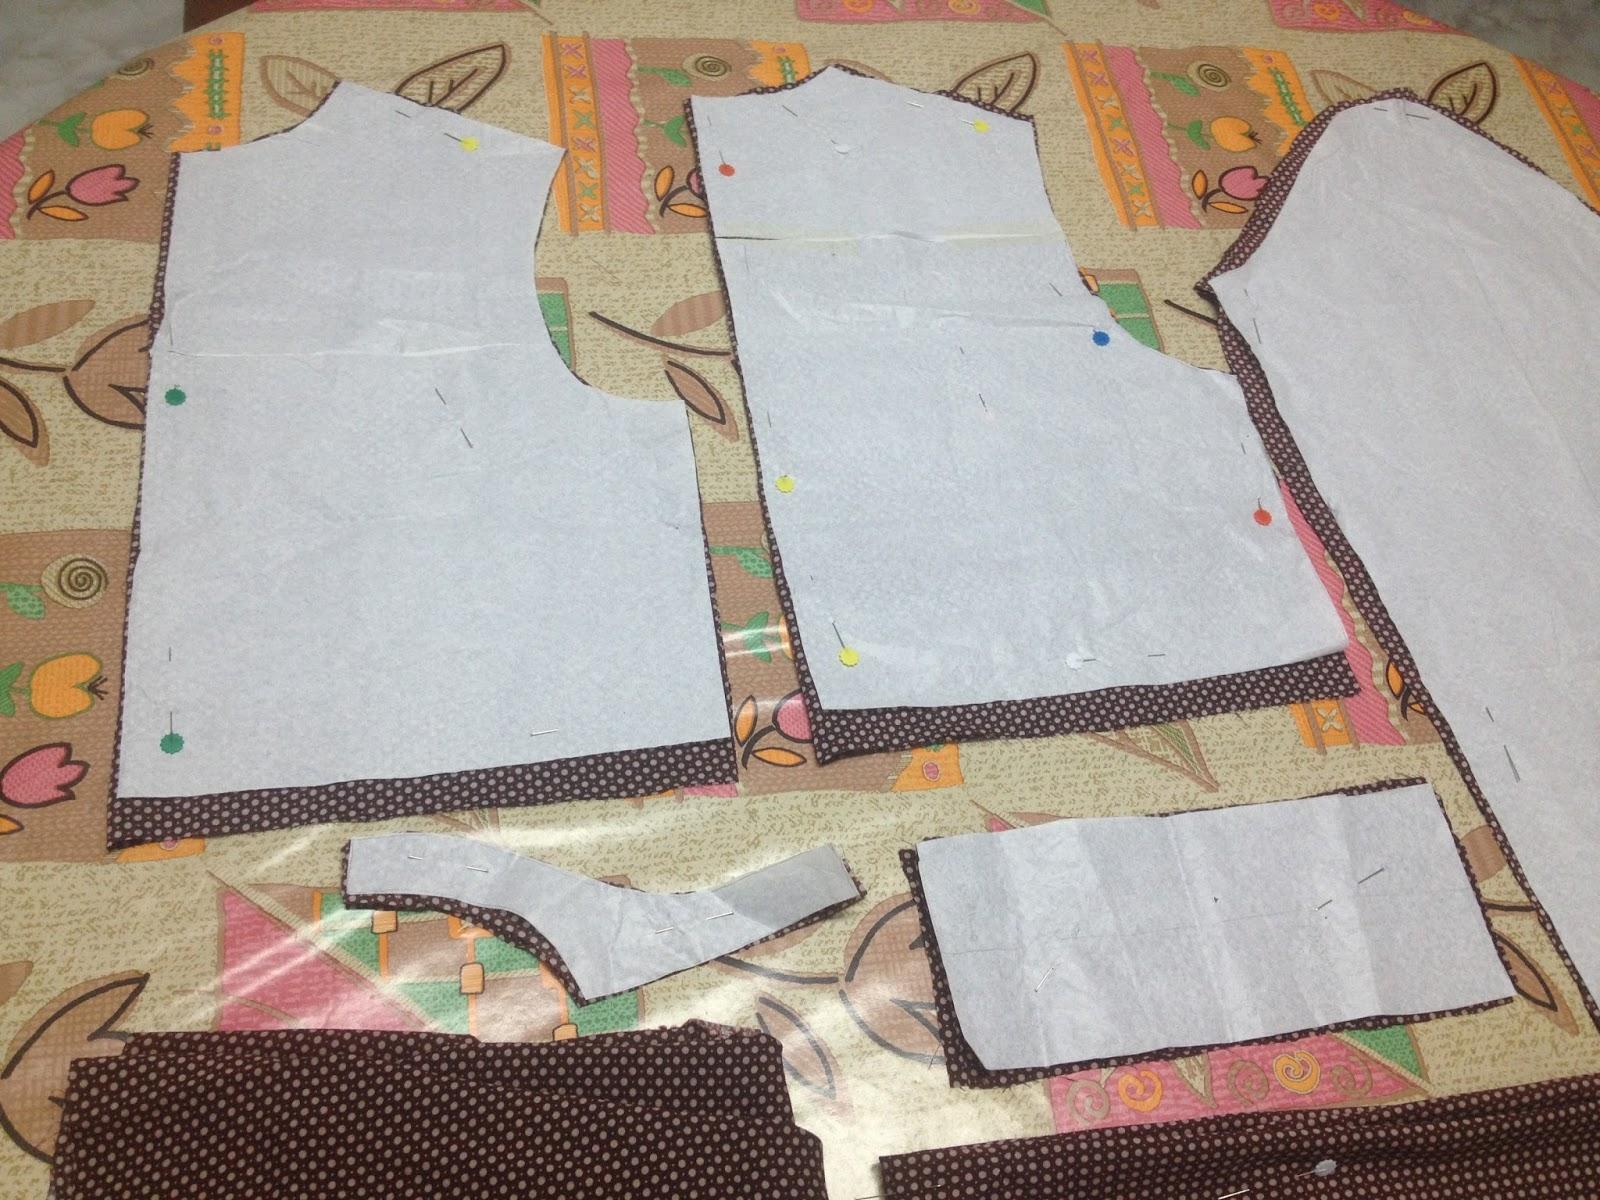 patrón archivos - Página 9 de 41 - Handbox Craft Lovers | Comunidad ...